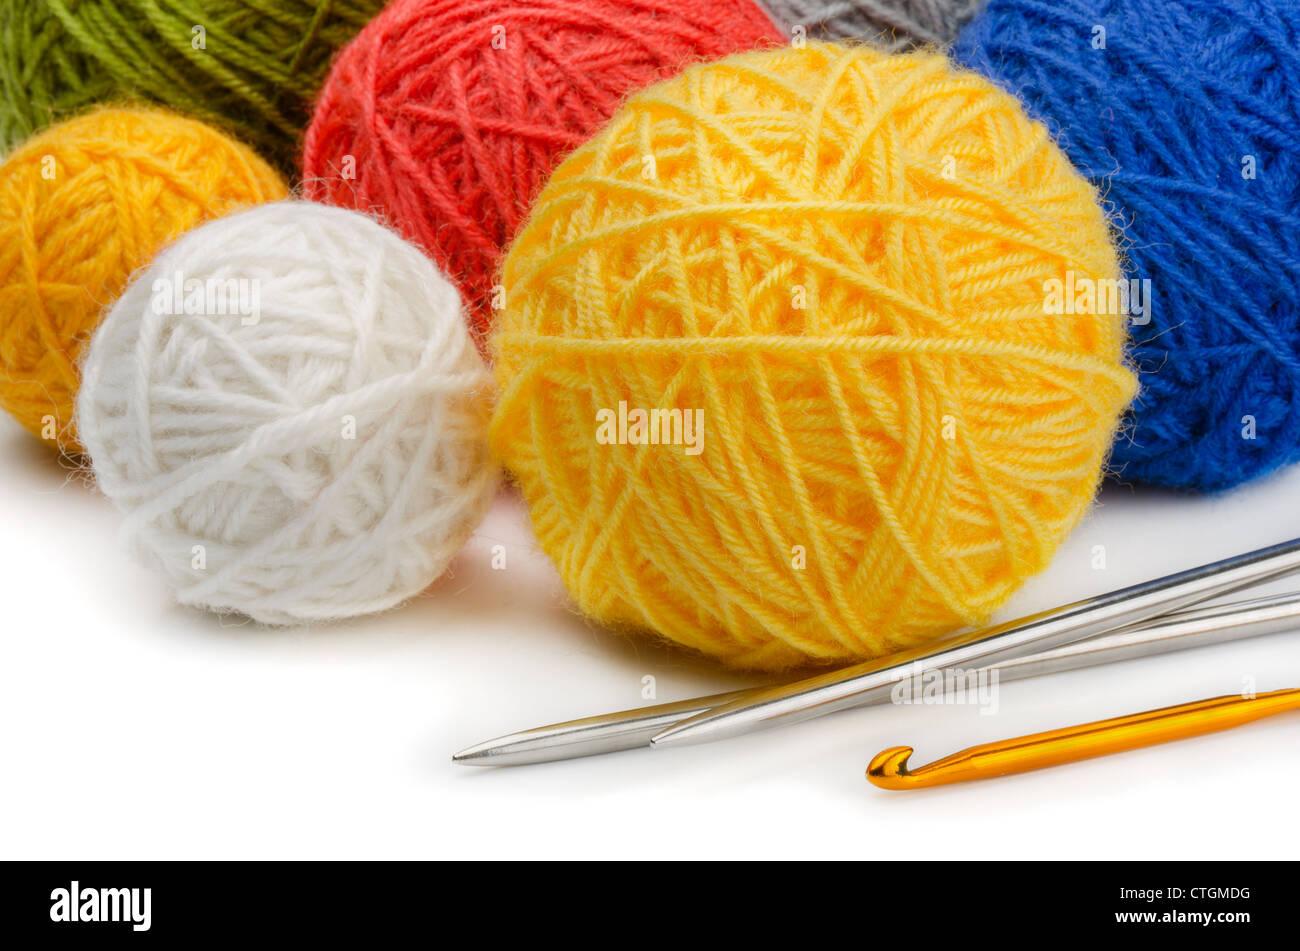 Farbe Knäuel Wolle, Stricknadeln und häkeln Stockfoto